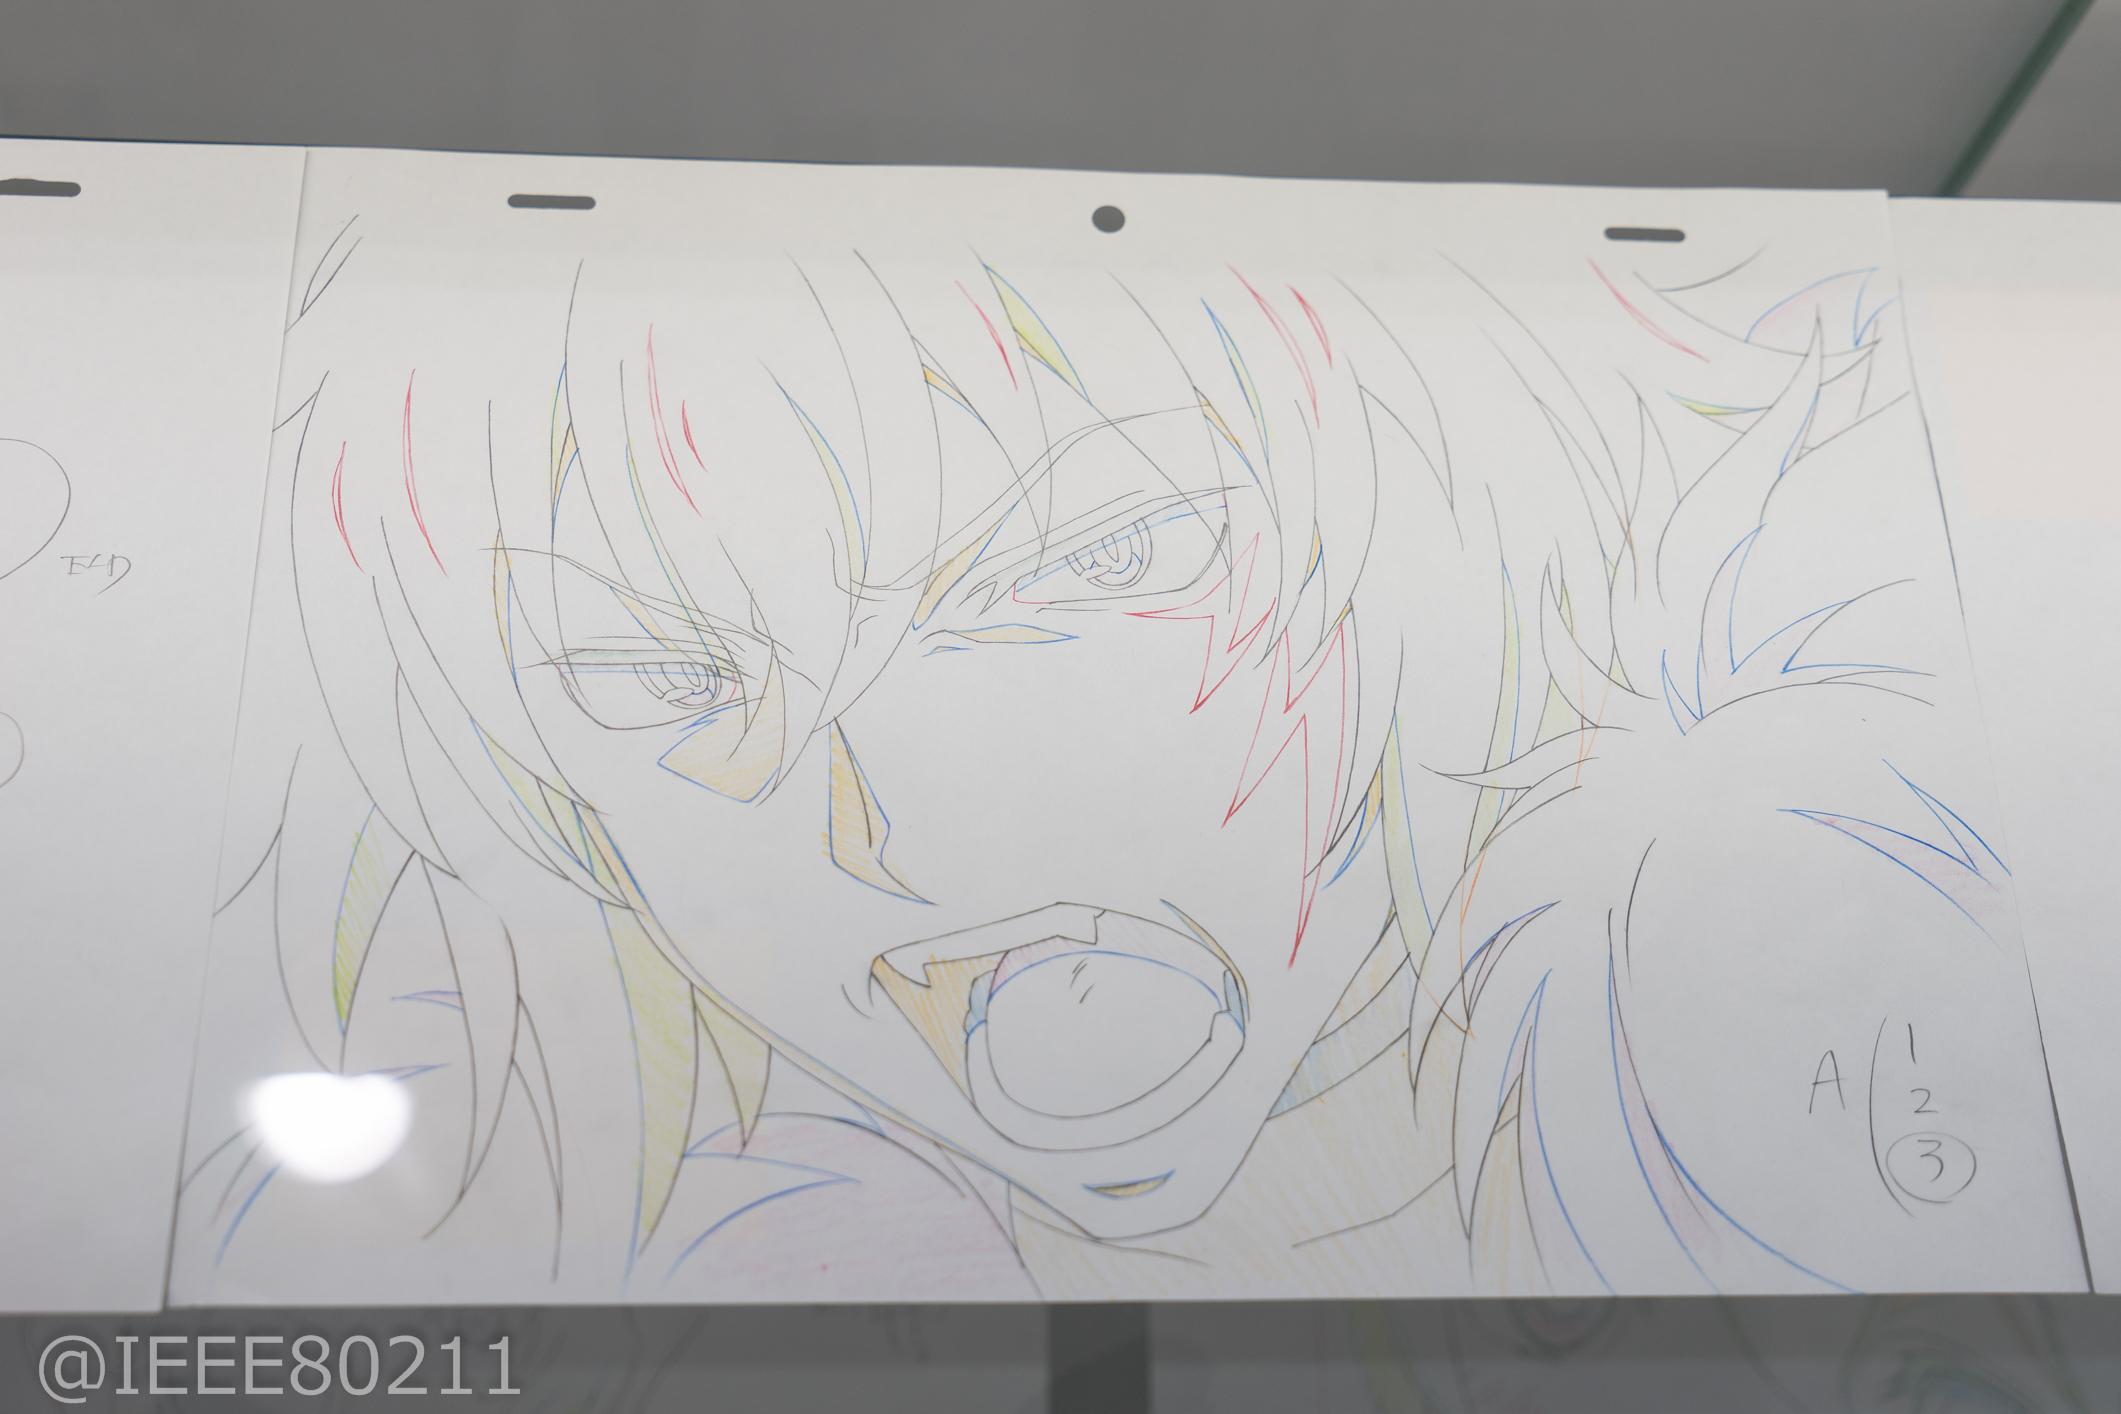 Dungeon ni Deai wo Motomeru no wa Machigatteiru Darou ka Danmachi Exhibition in Akiba Previewed 007